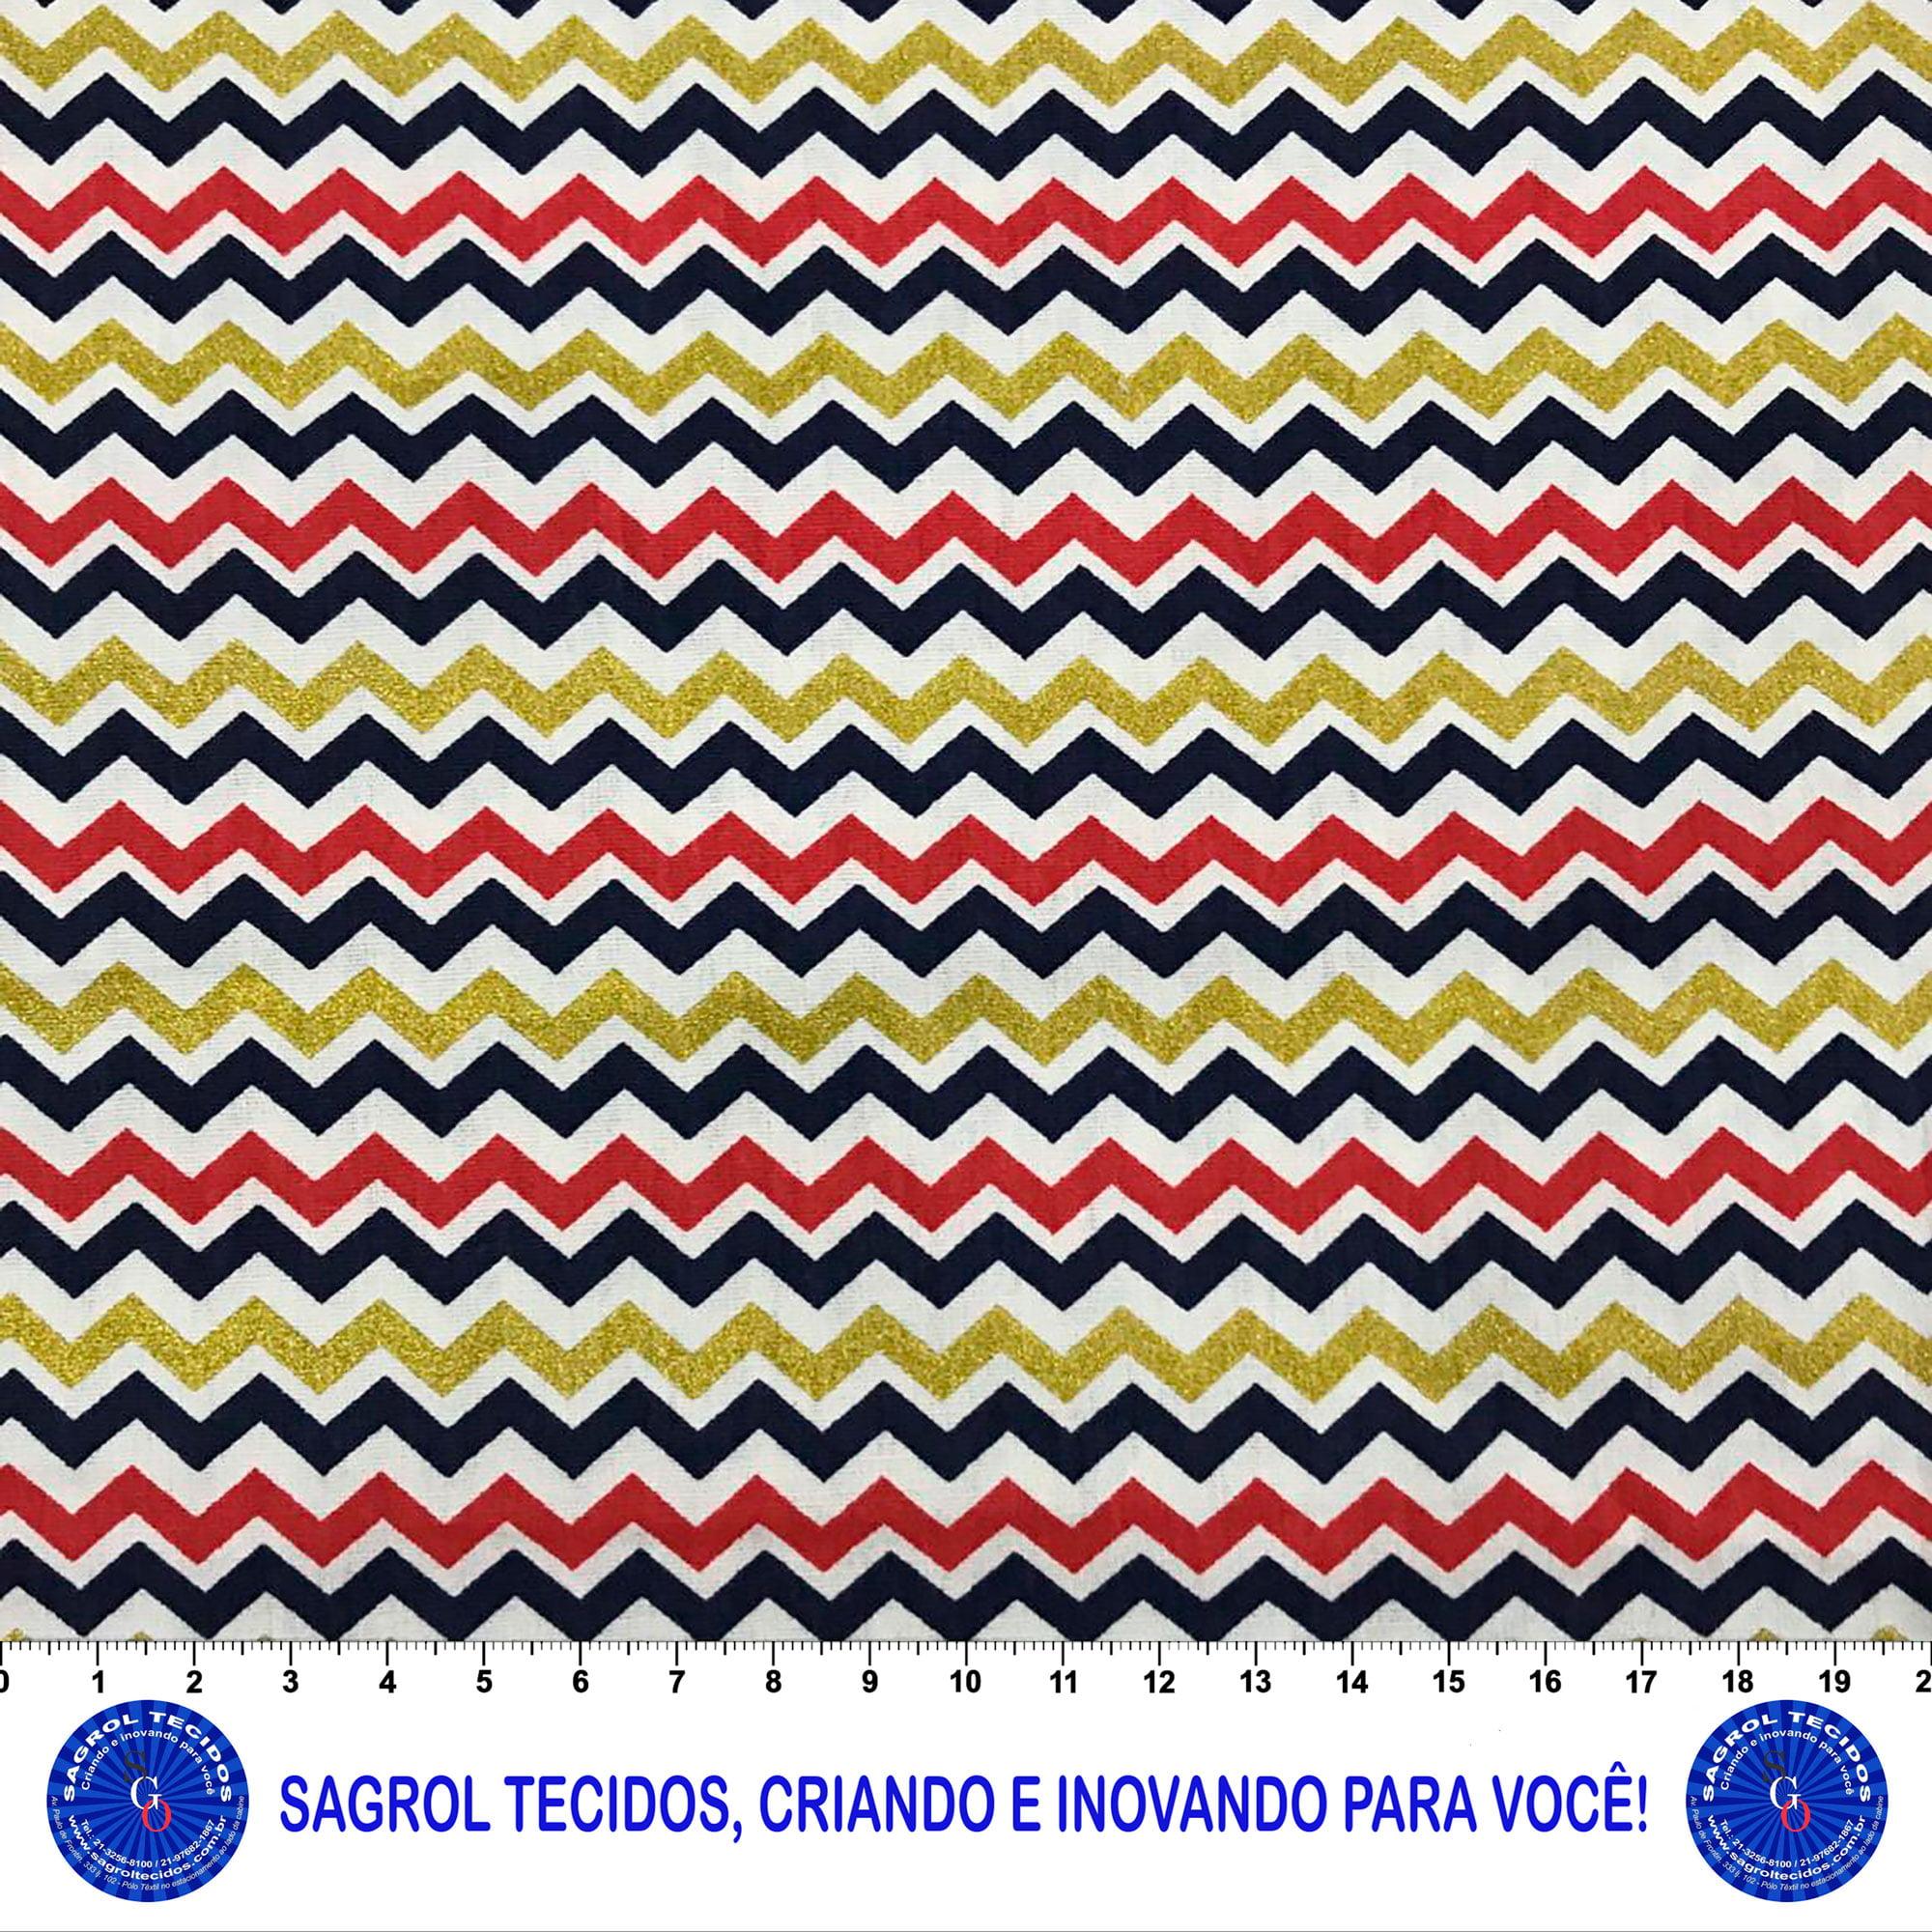 TECIDO TRICOLINE ESTAMPA CHEVRON COLORIDOS 100% ALGODÃO 1,50 DE LG